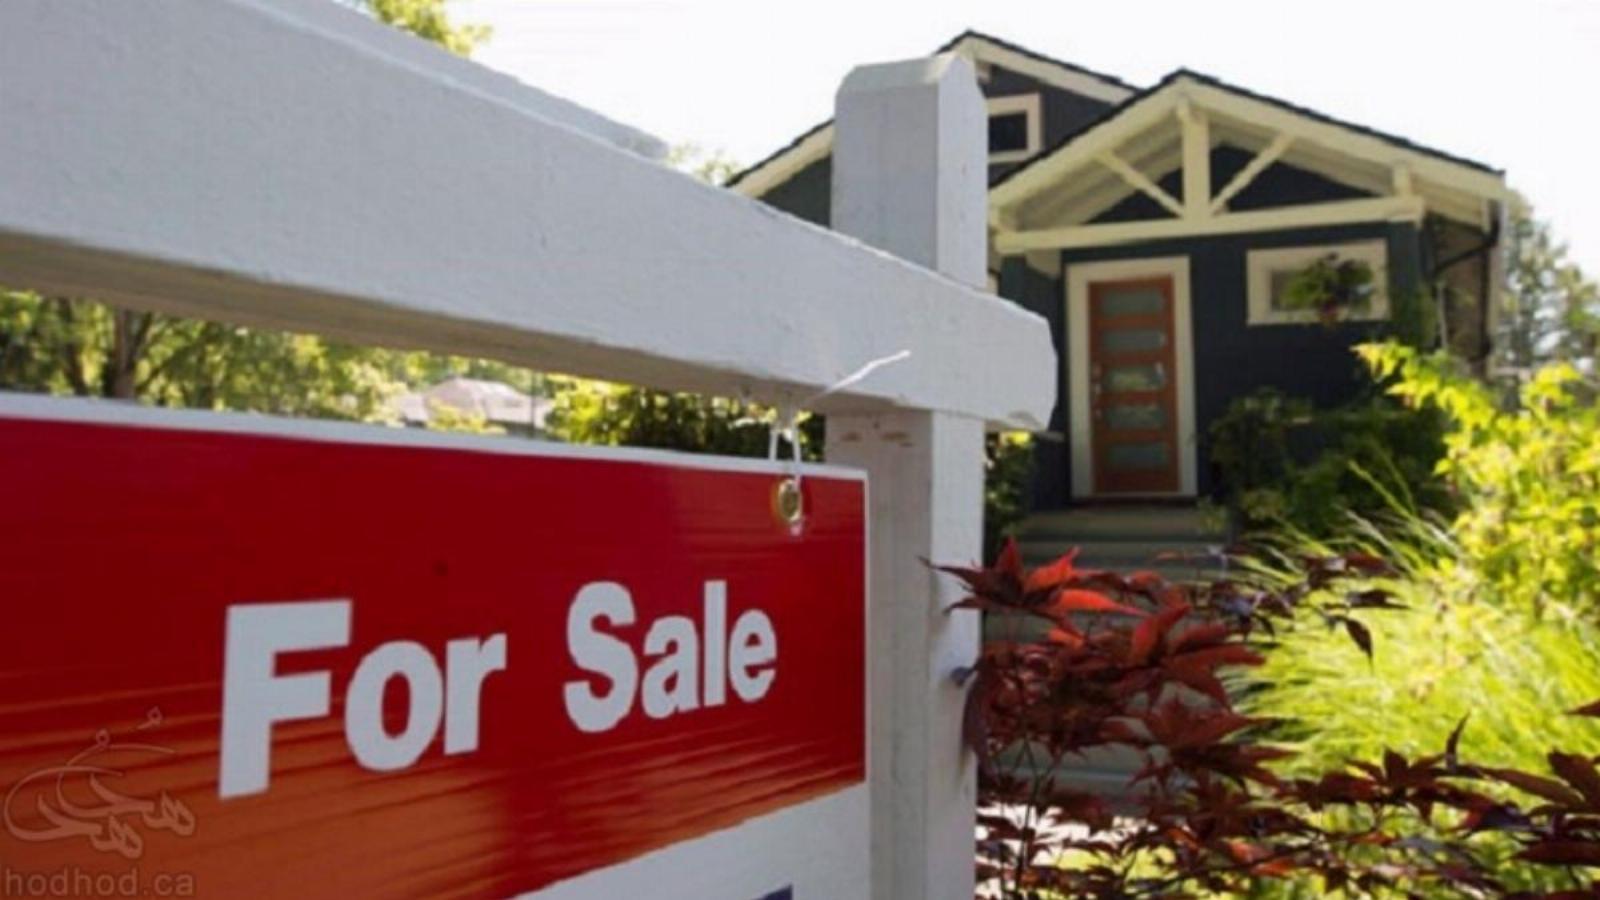 رشد جهشی قیمت مسکن مهمیزی است بر کاهش شدید و ناگهانی آن